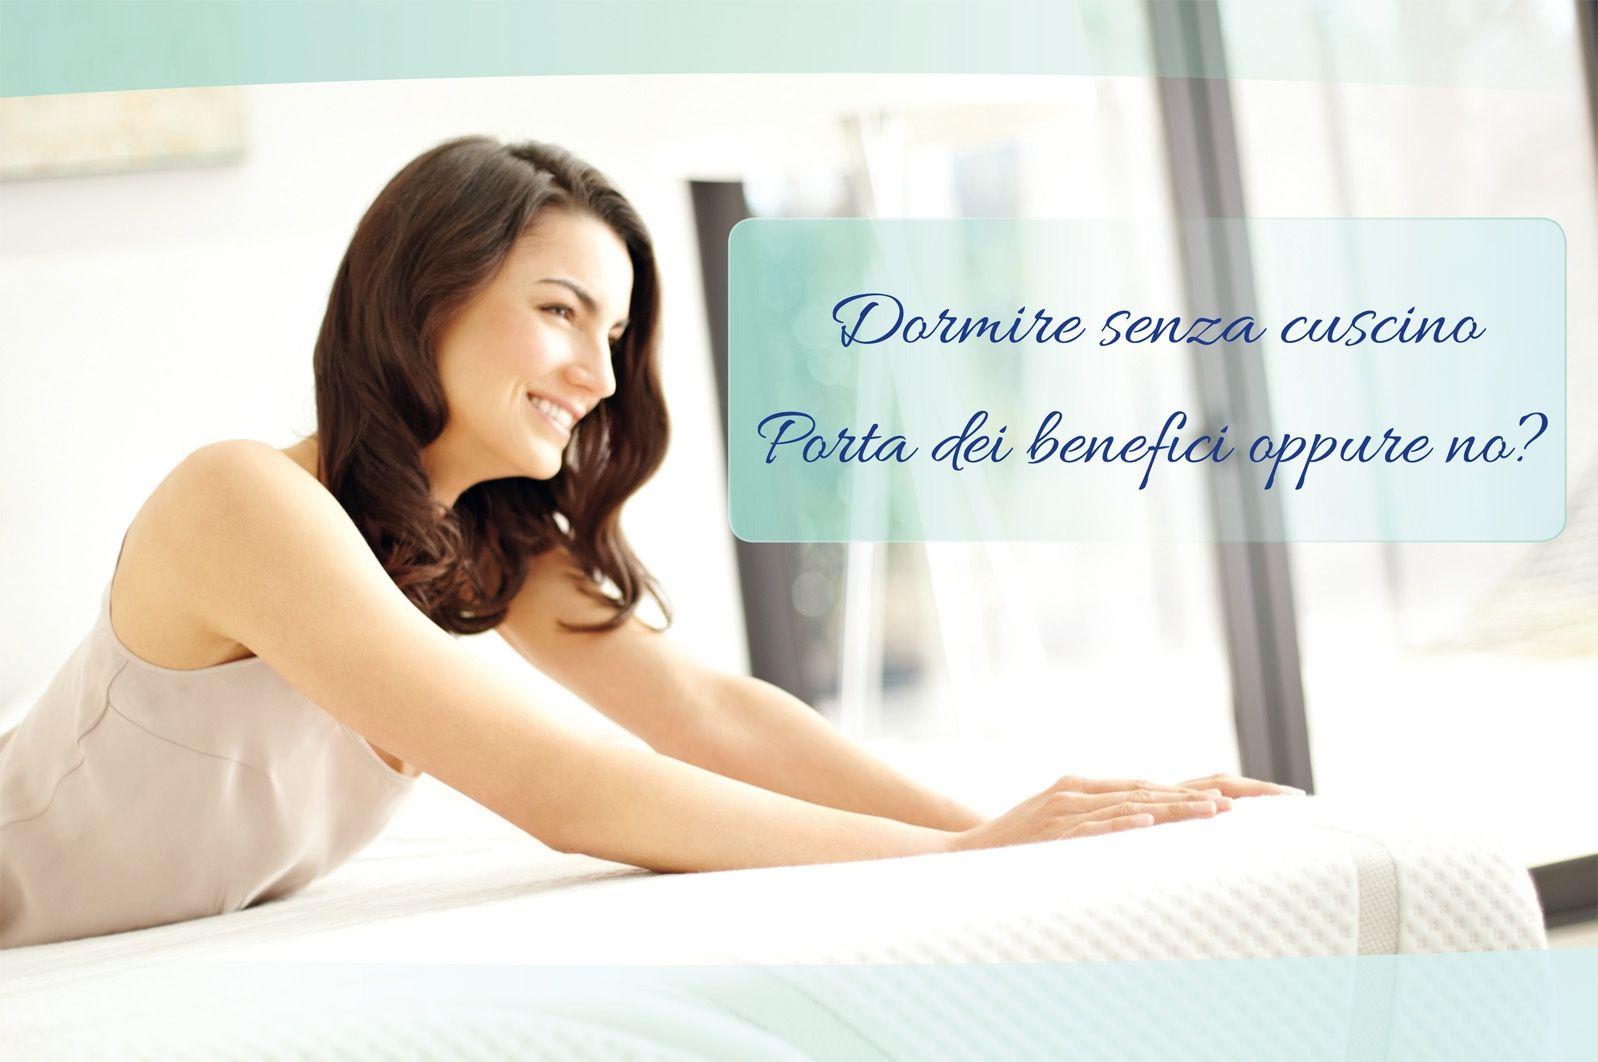 Dormire senza cuscino porta dei benefici oppure no?